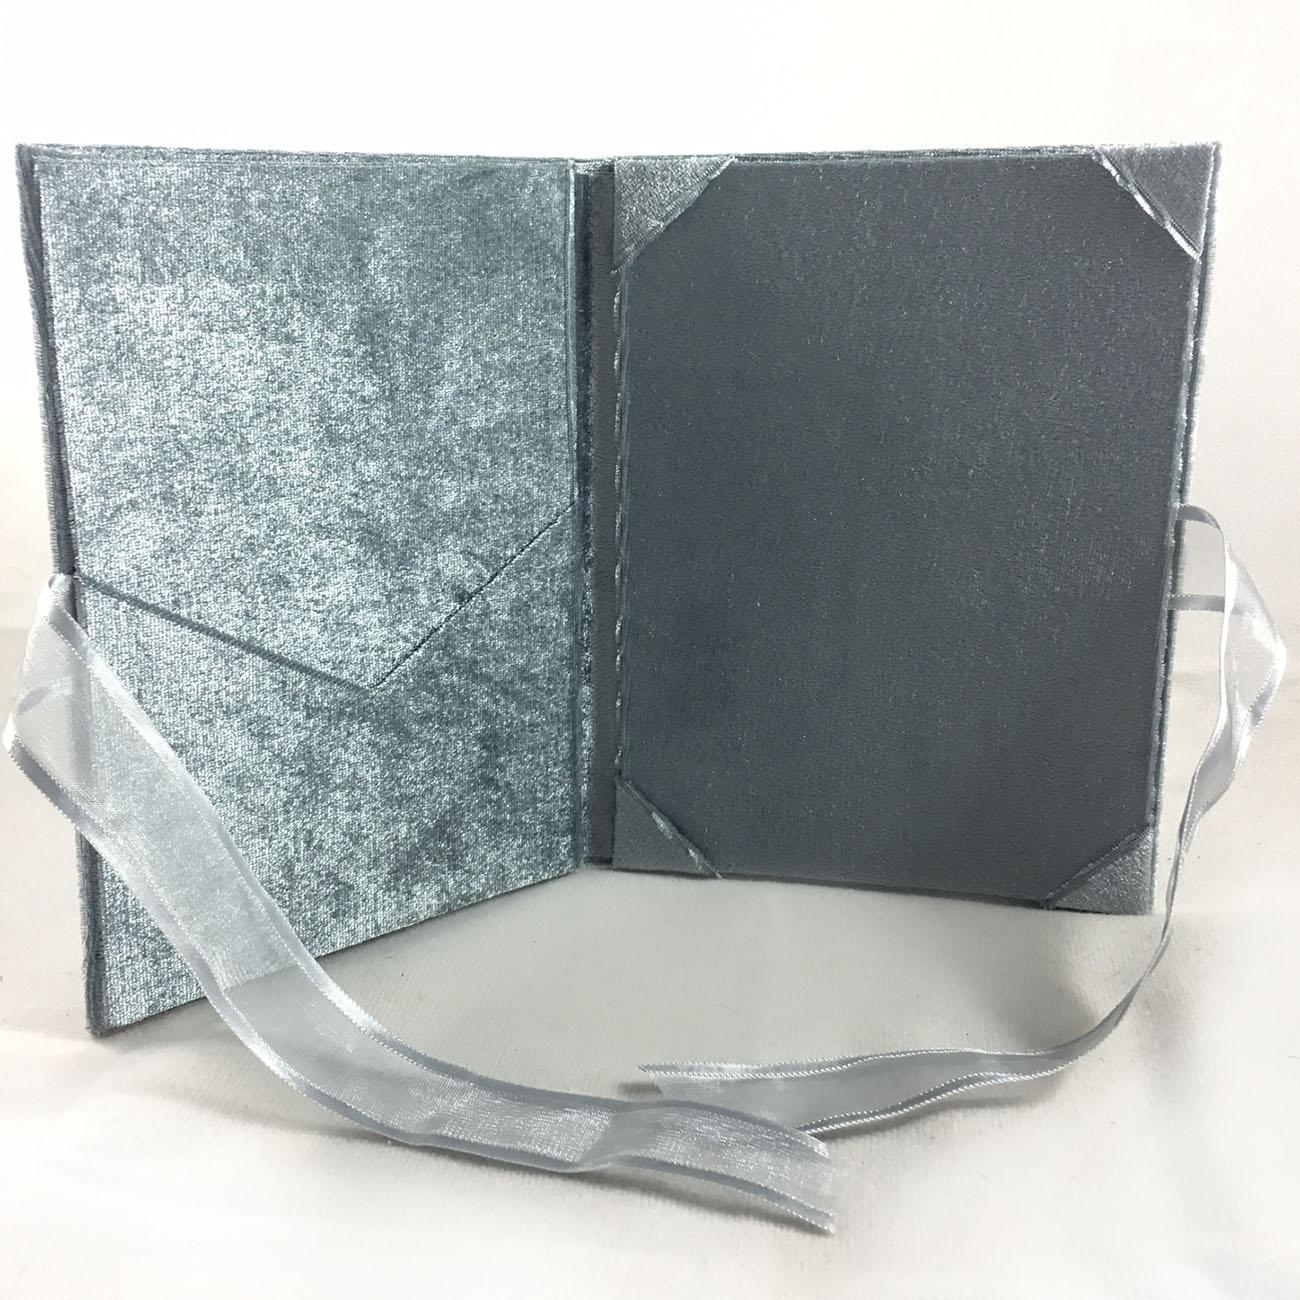 Velvet pocket folder